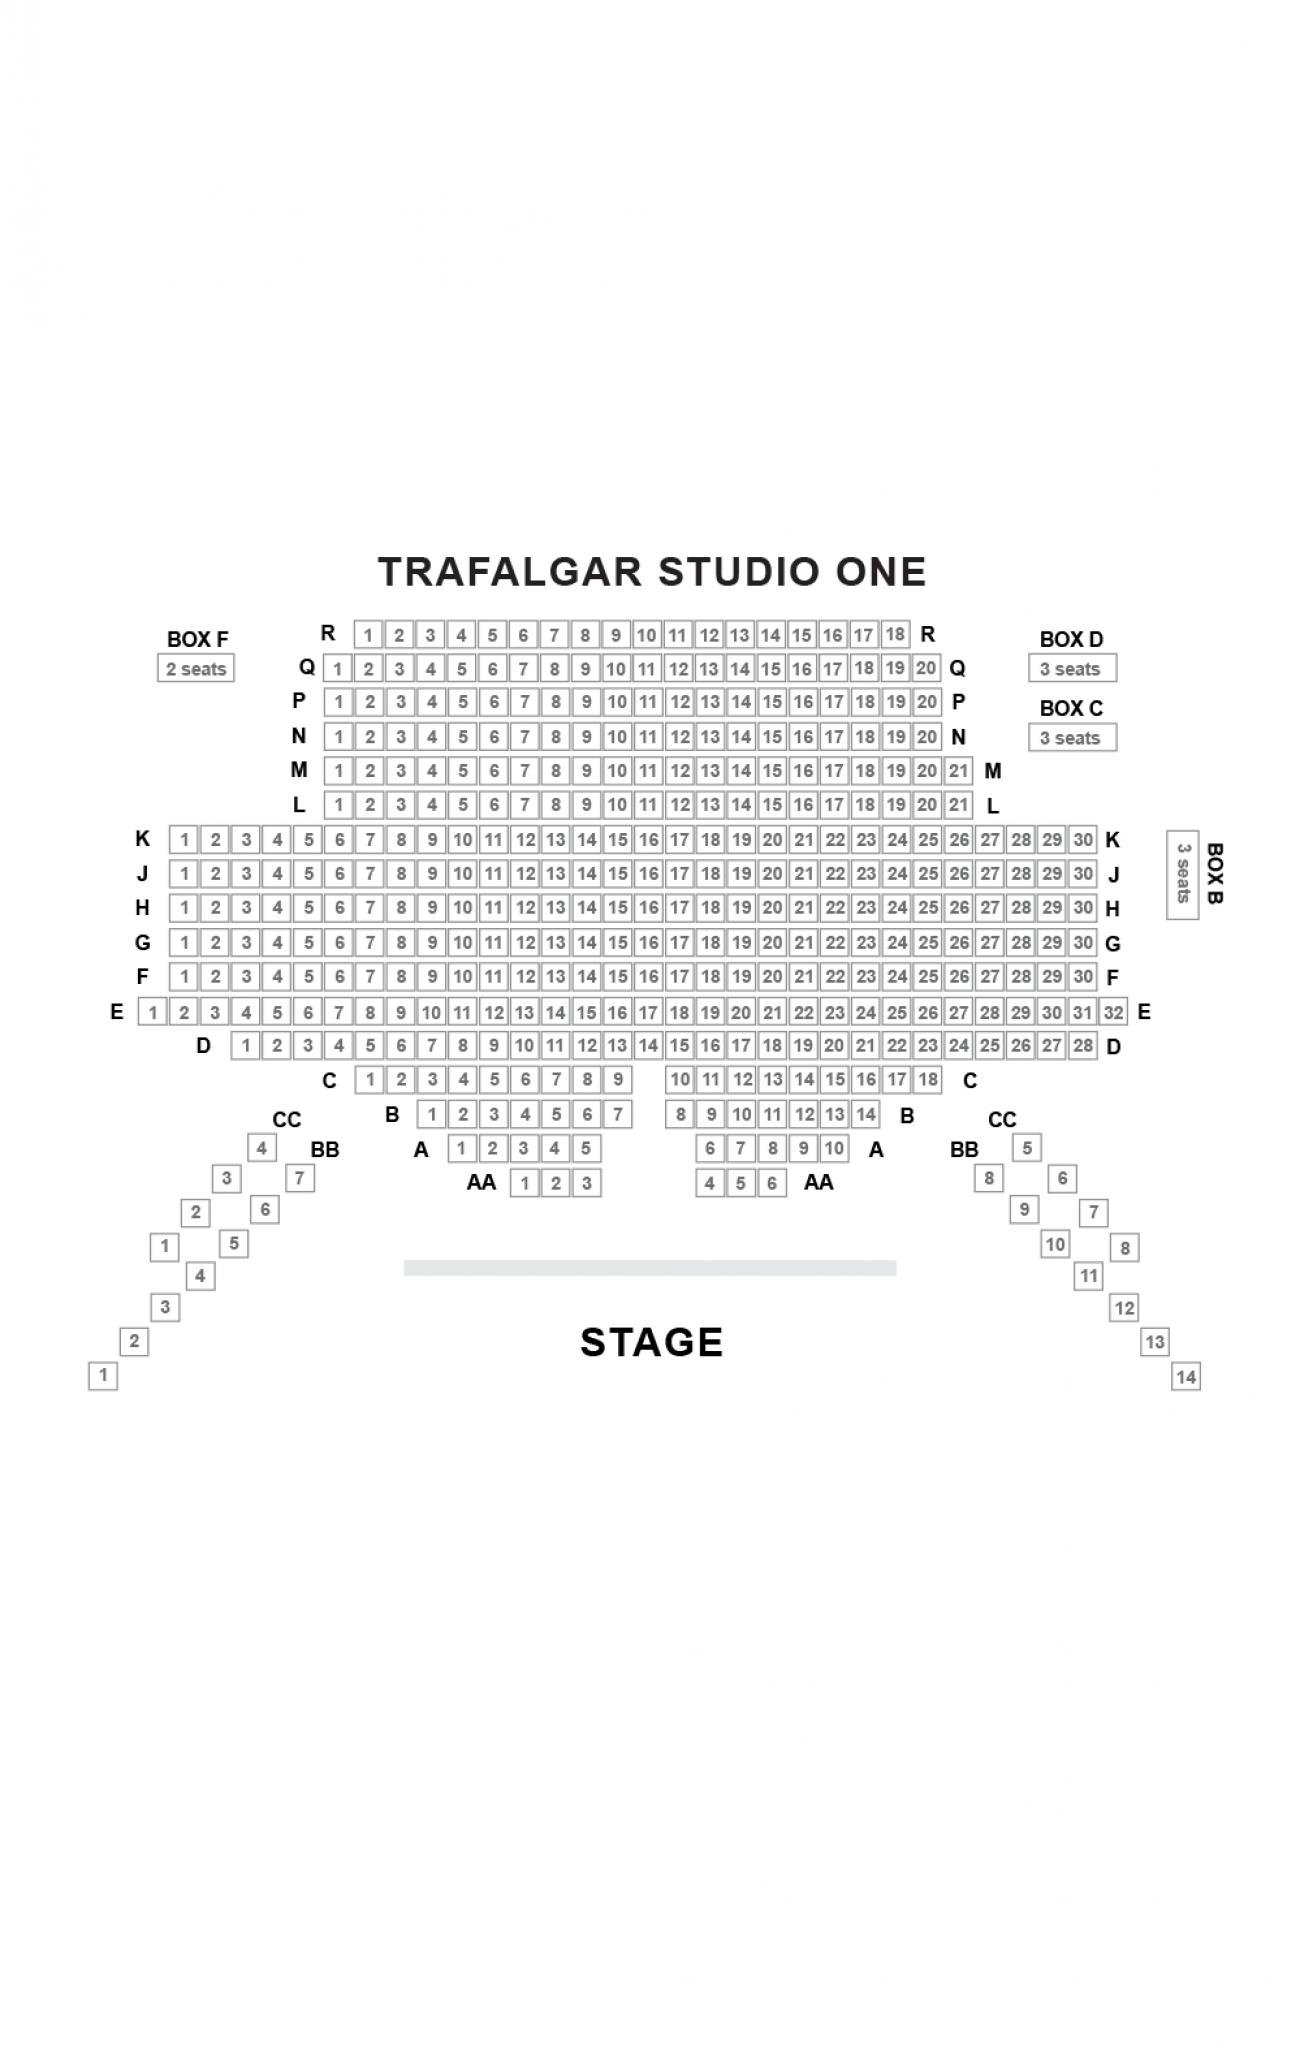 Trafalgar Studios (One) Seating plan